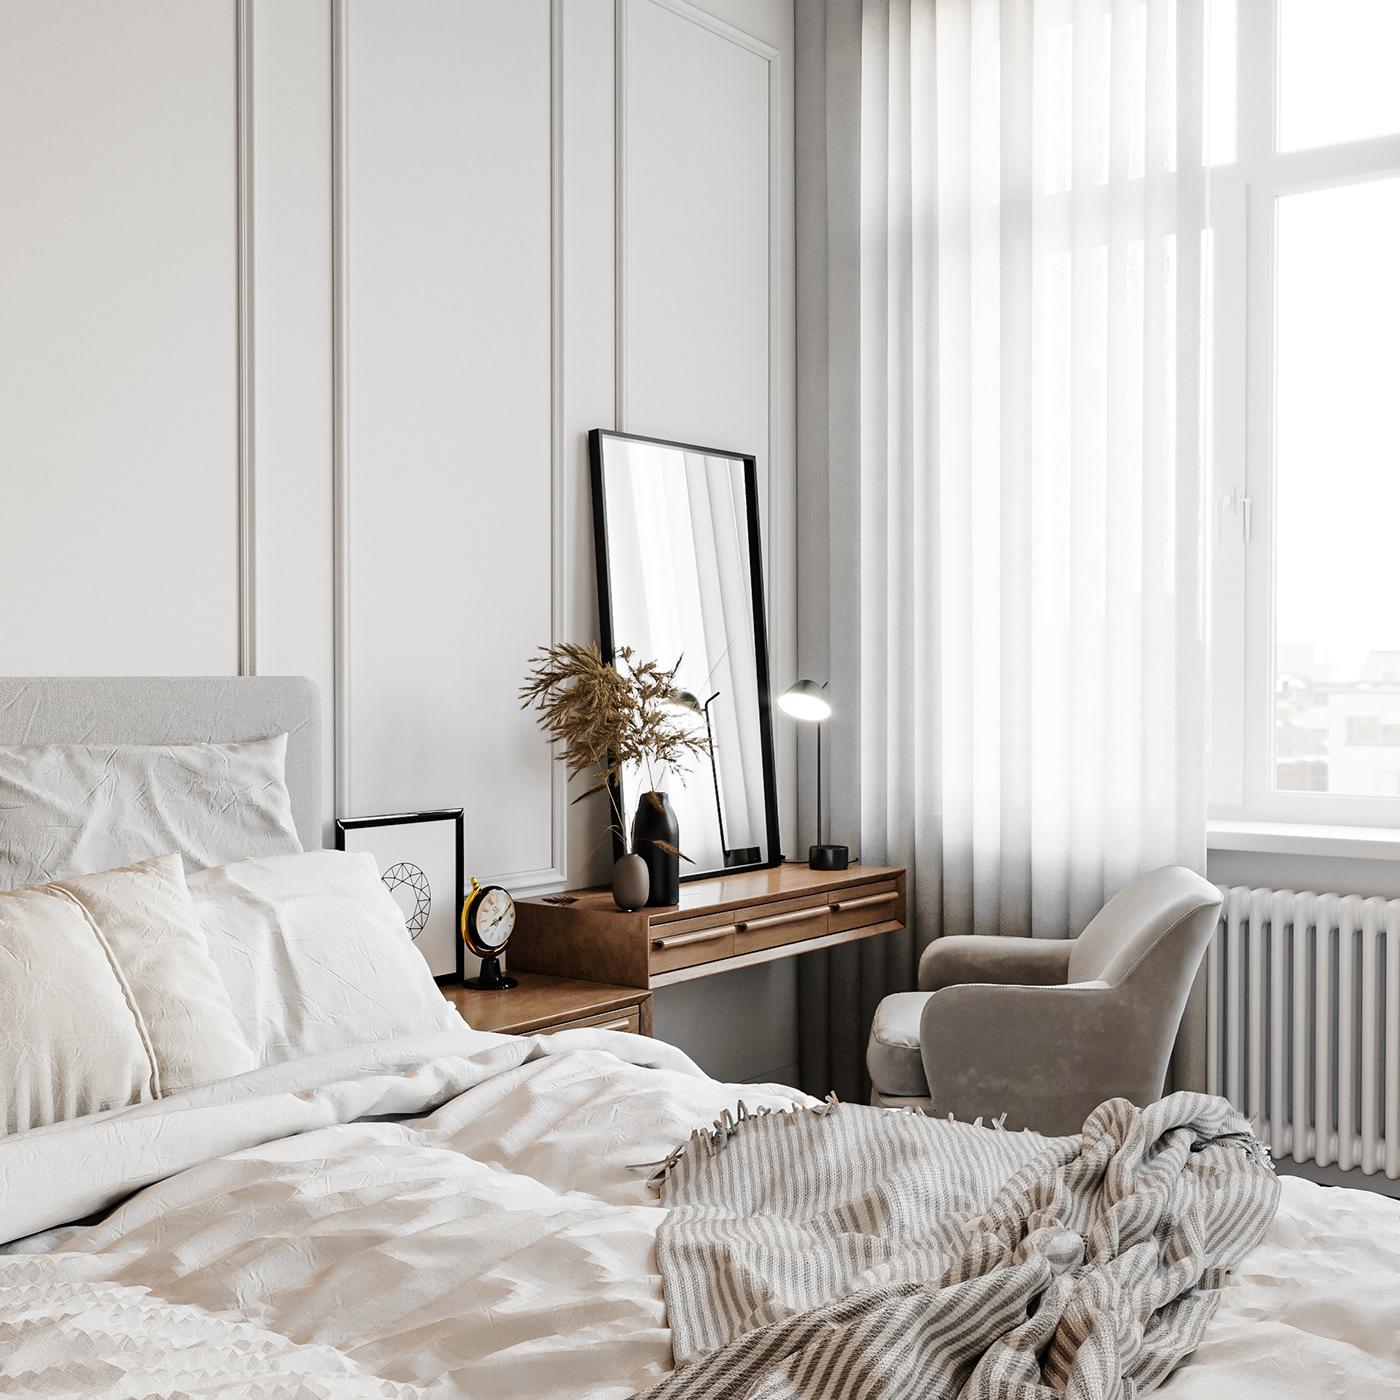 Kiến trúc sư tư vấn thiết kế căn hộ 67m² dành cho cô gái độc thân chi phí 98,3 triệu đồng  - Ảnh 8.